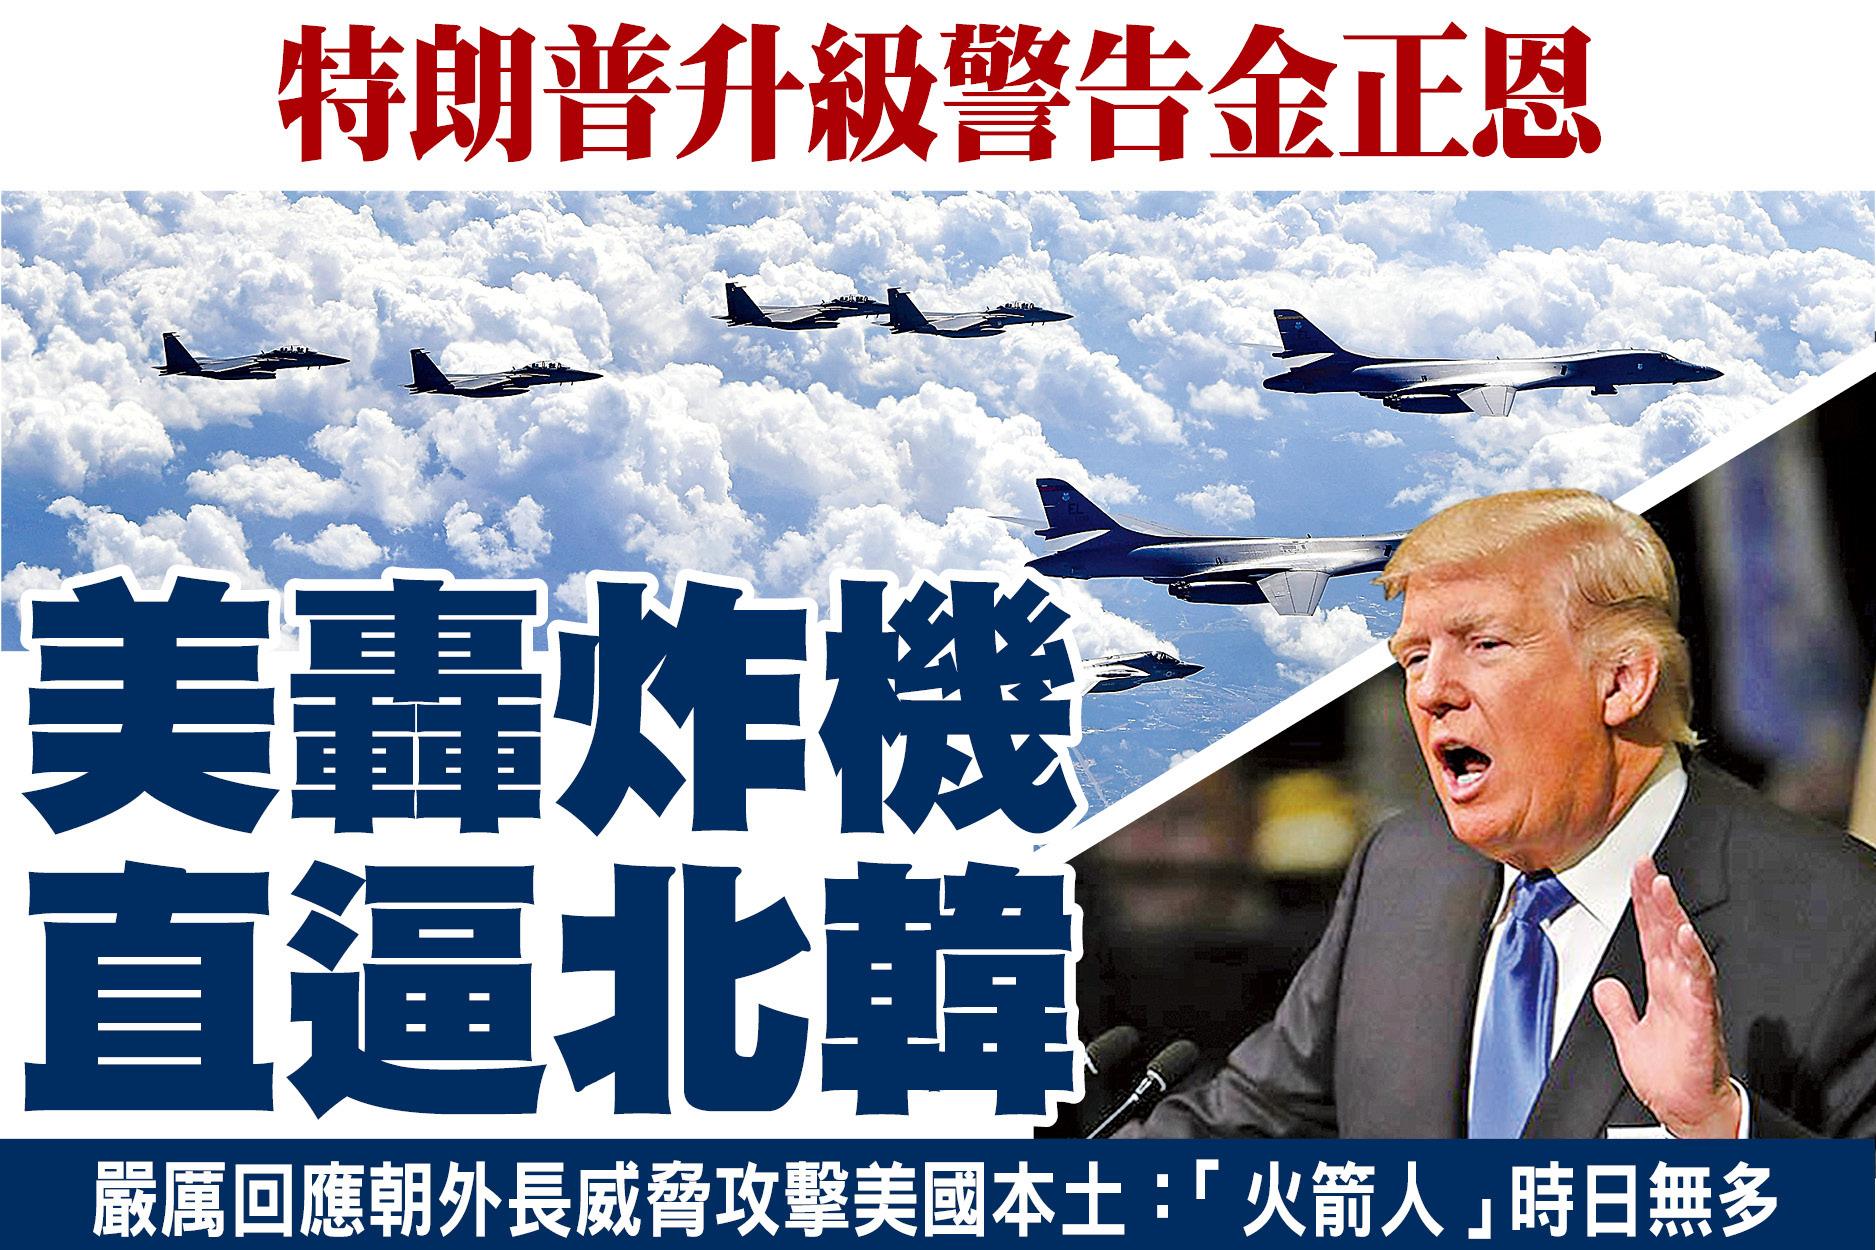 特朗普升級警告金正恩 美轟炸機直逼北韓